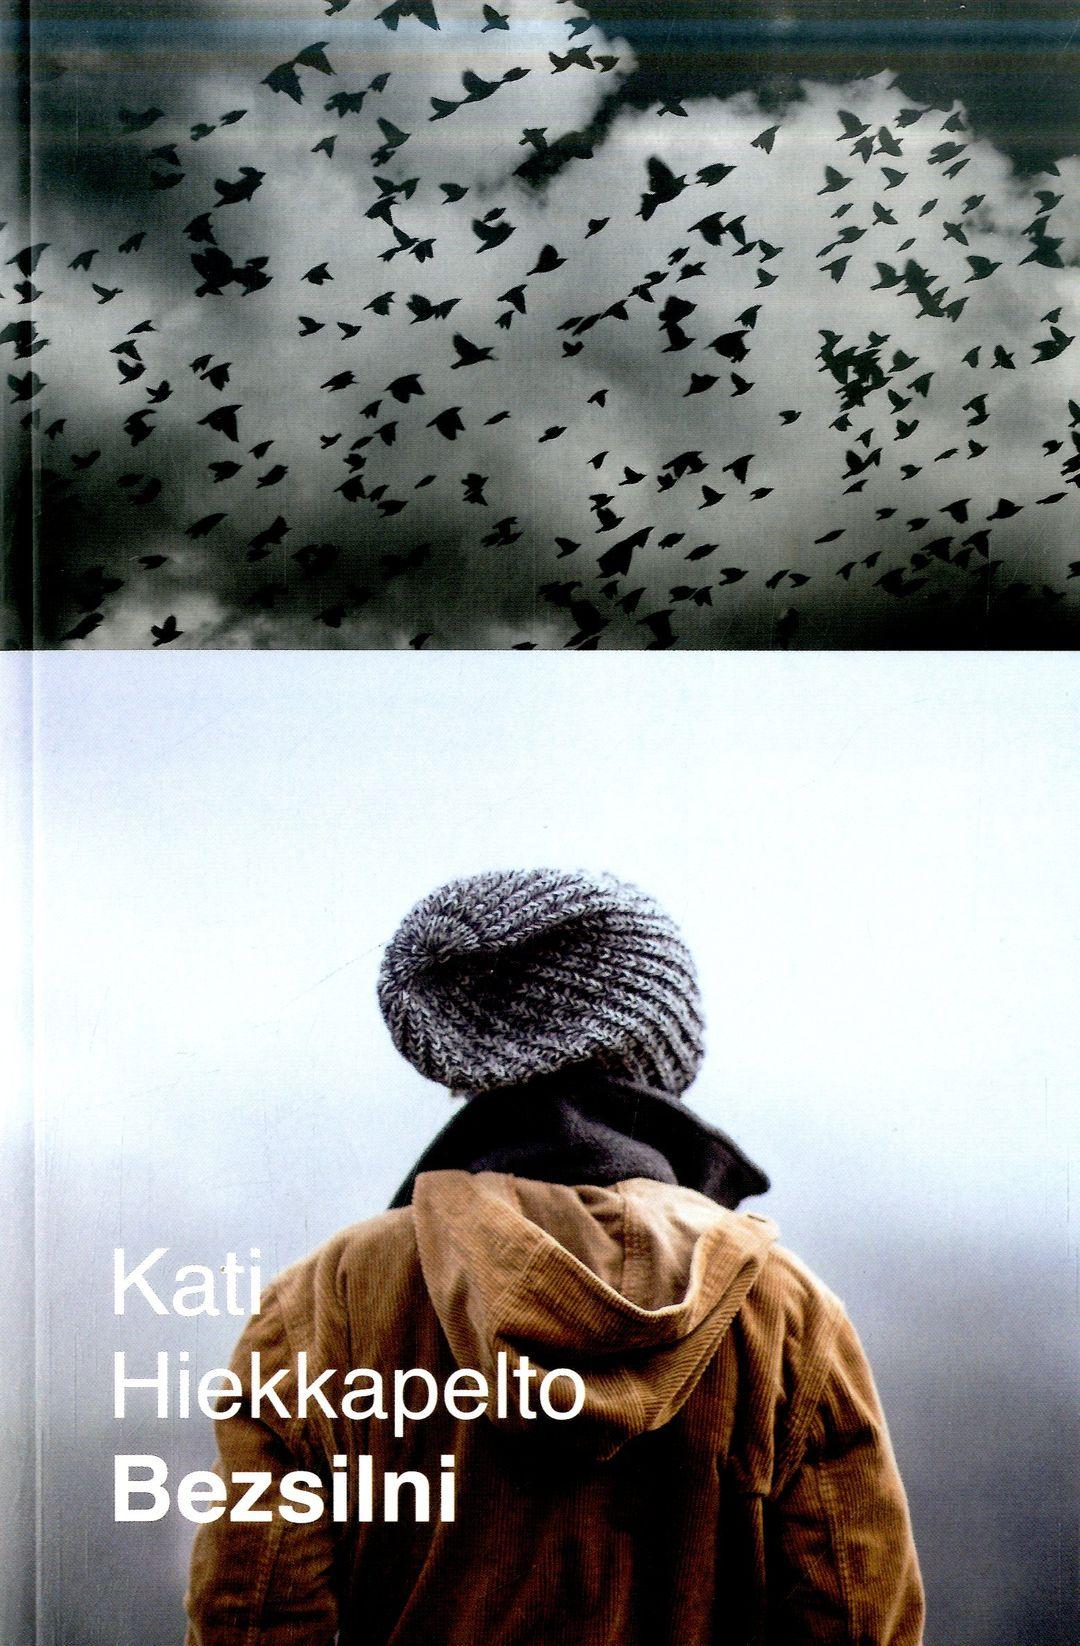 Hiekkapelto Kati – Bezsilni